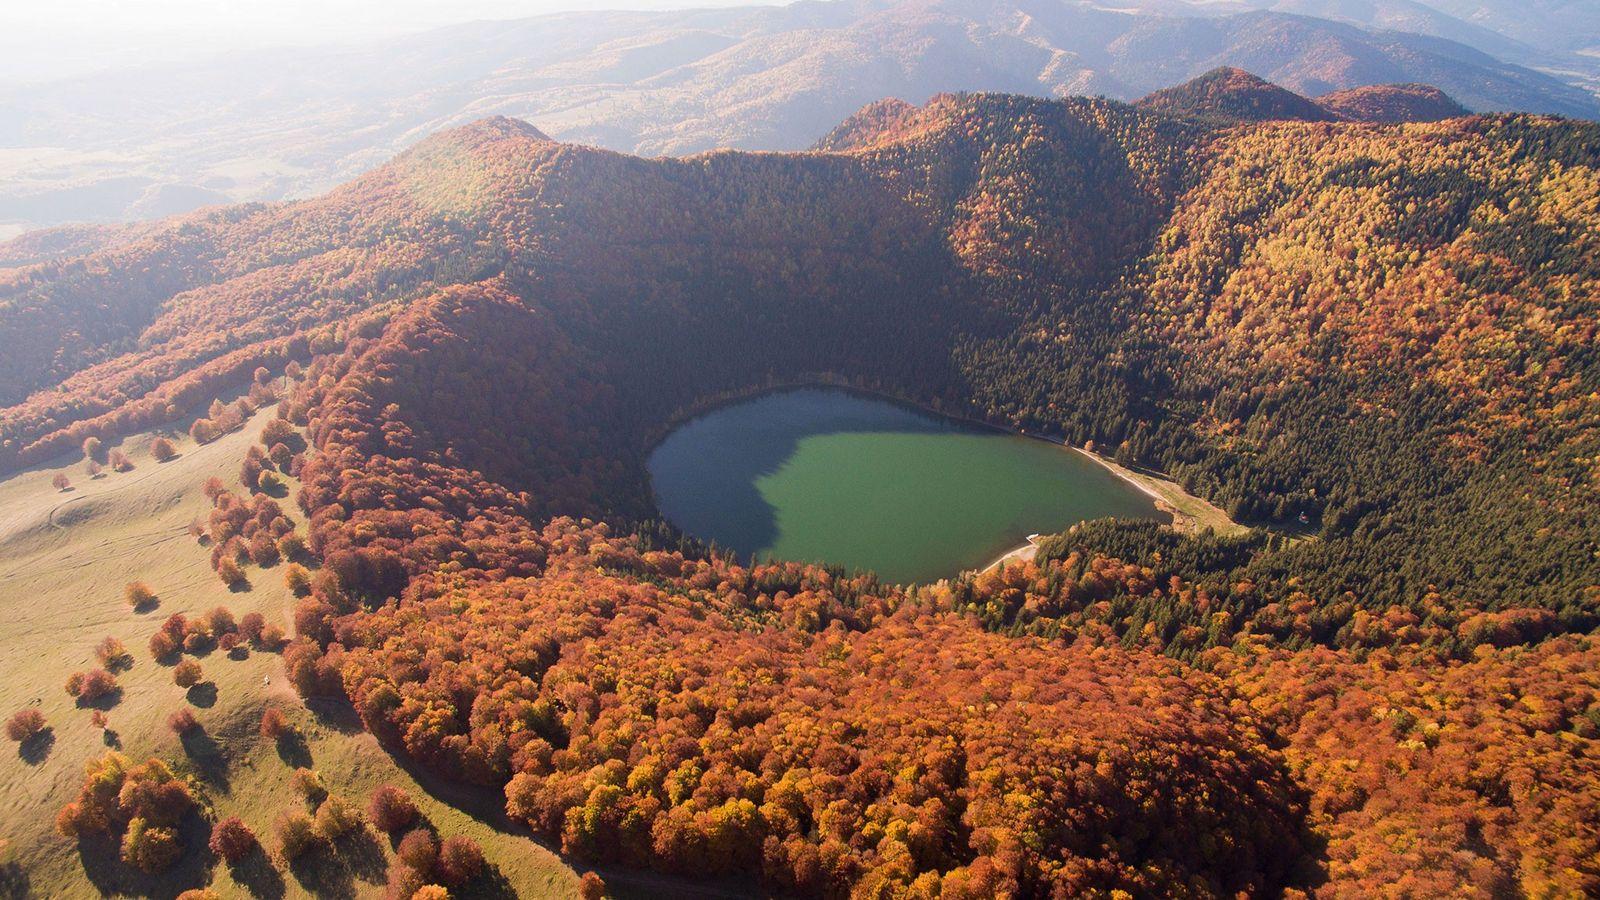 O lago Sfânta Ana está situado em uma cratera do vulcão Ciomadul, na Romênia, que explodiu ...